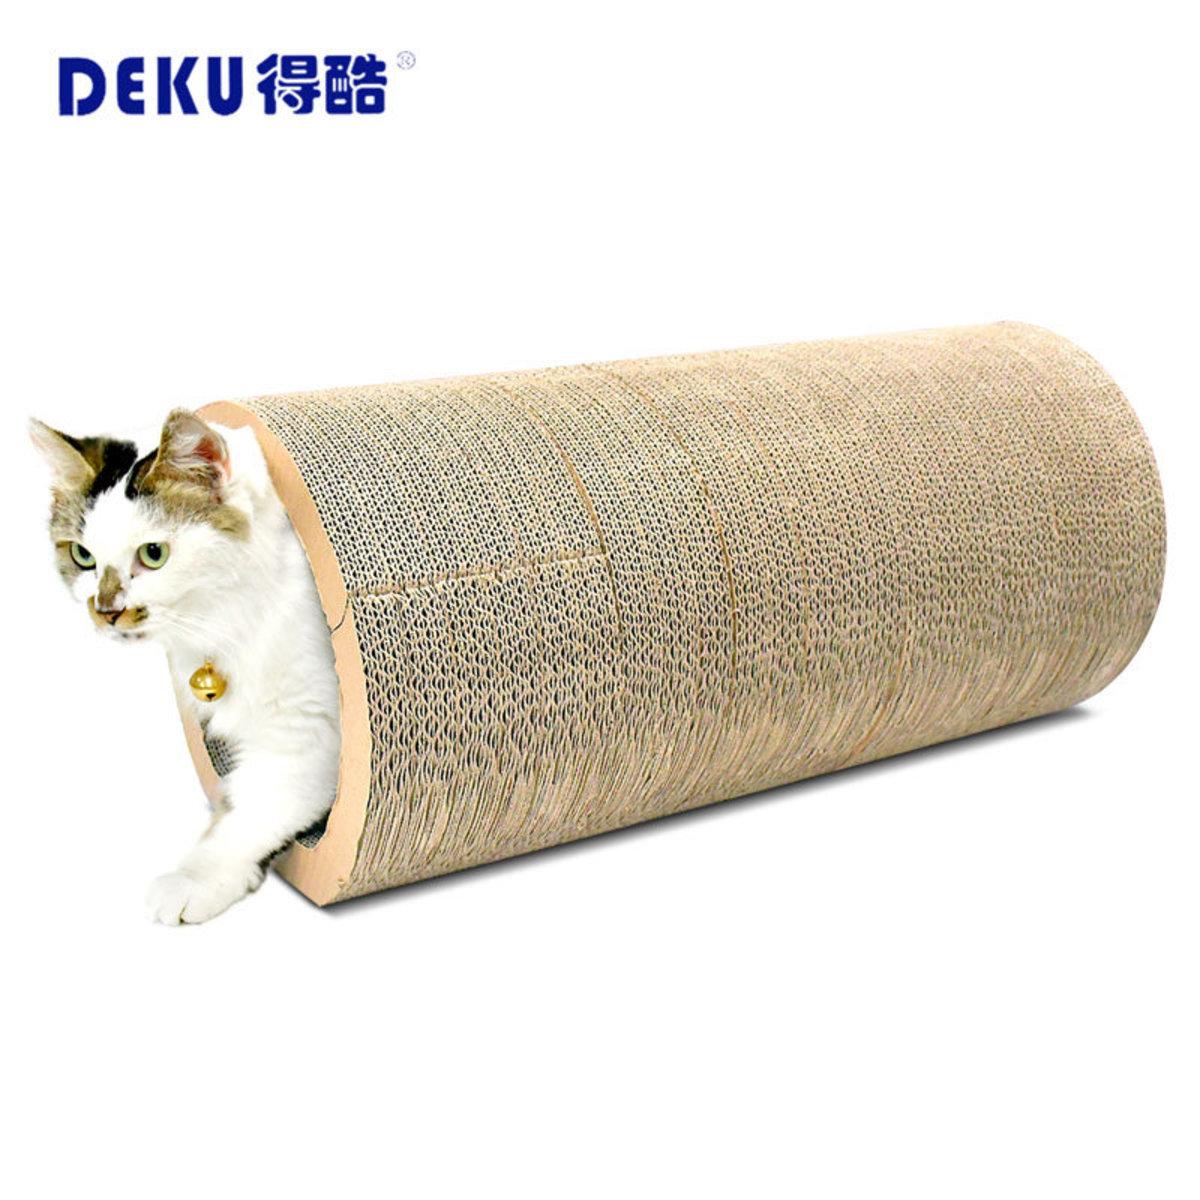 Cat Scratch Boards-X32-Small (DK Tunnel) (CP-441))